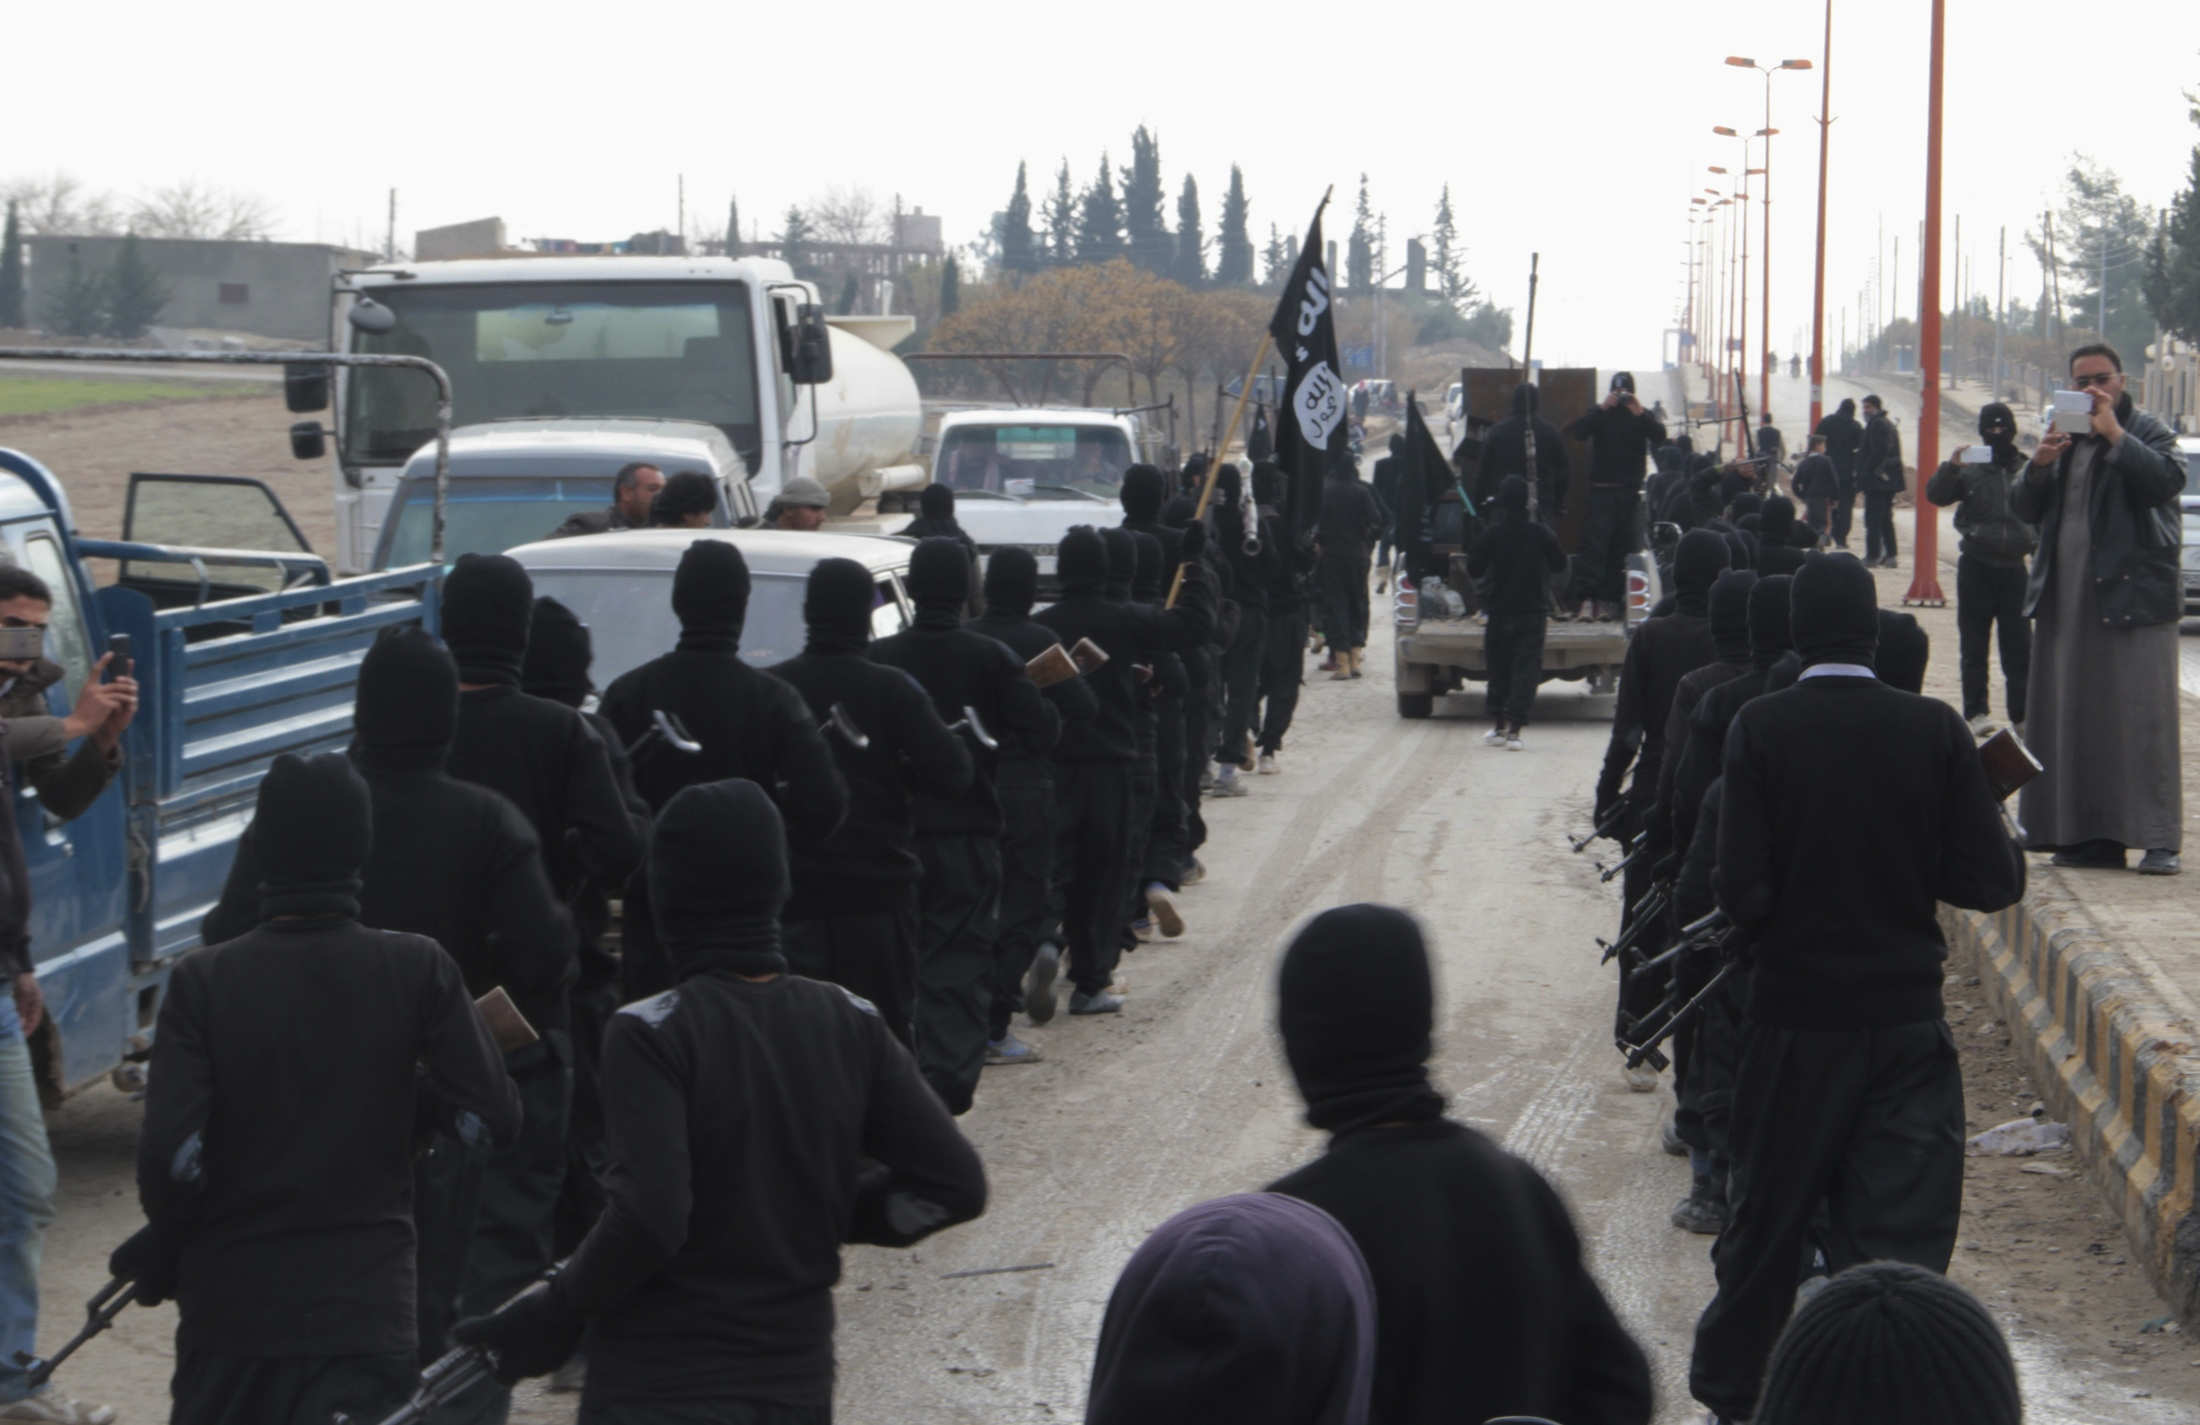 داعش يرفع علمه فوق مبنى محافظة الانبار